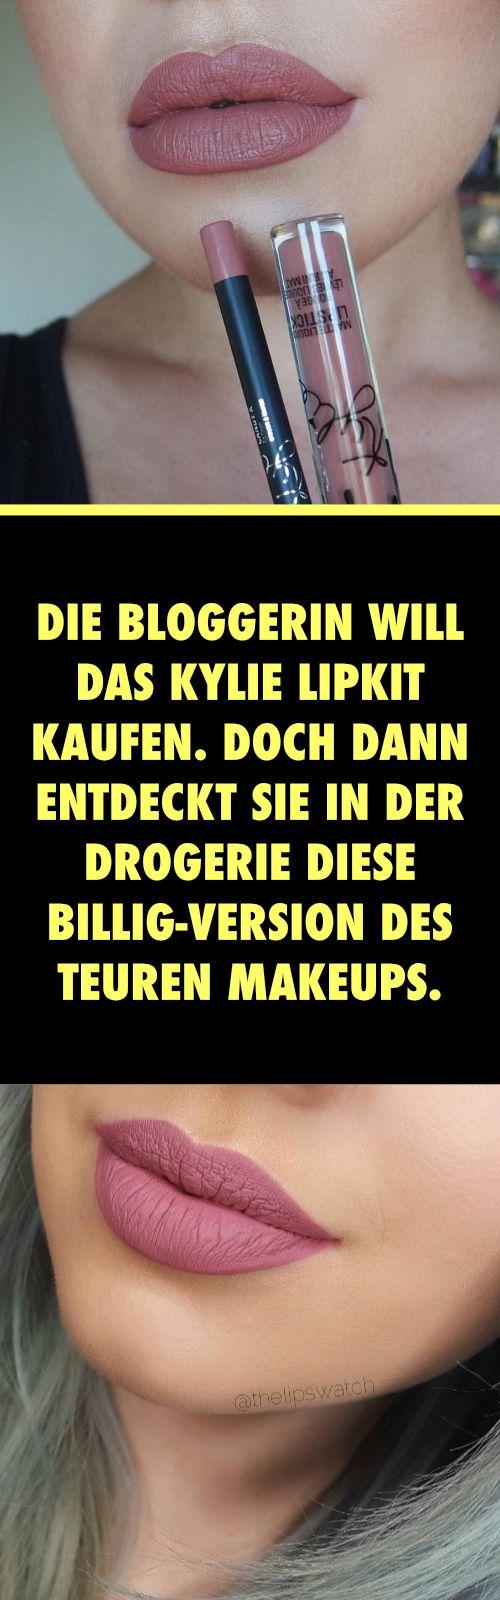 Die Bloggerin will das Kylie Lipkit kaufen. Doch dann entdeckt sie in der Drogerie DIESE Billig-Version des teuren MakeUps.